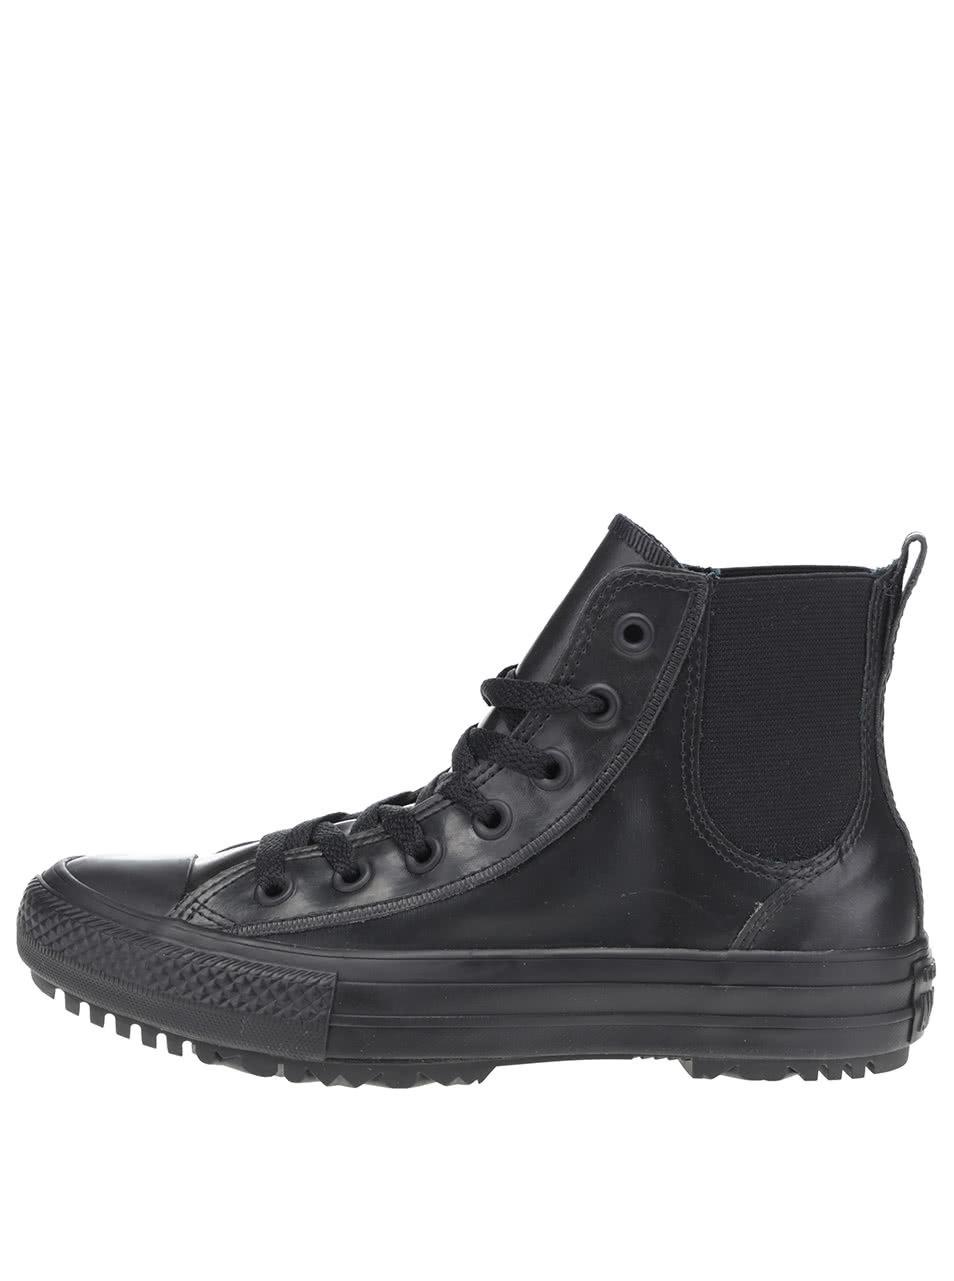 Černé dámské kotníkové boty Converse Chuck Taylor All Star Chelsea Boot ... 0186bfcd31